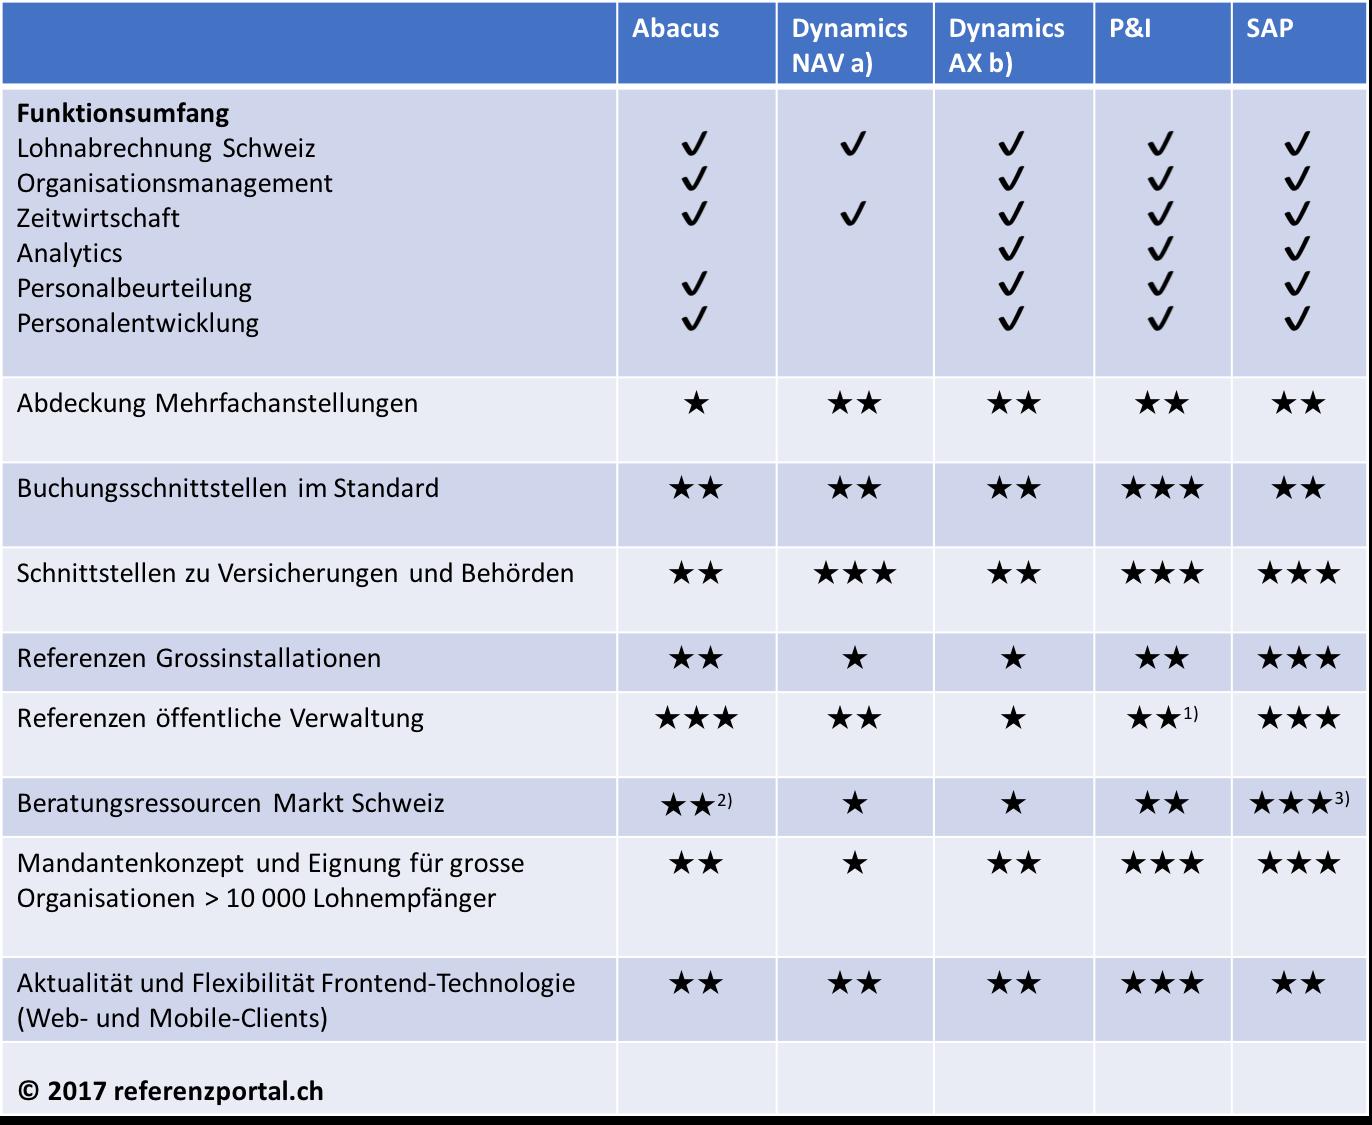 Marktübersicht HR Standardsoftware 2017 » referenzportal.ch